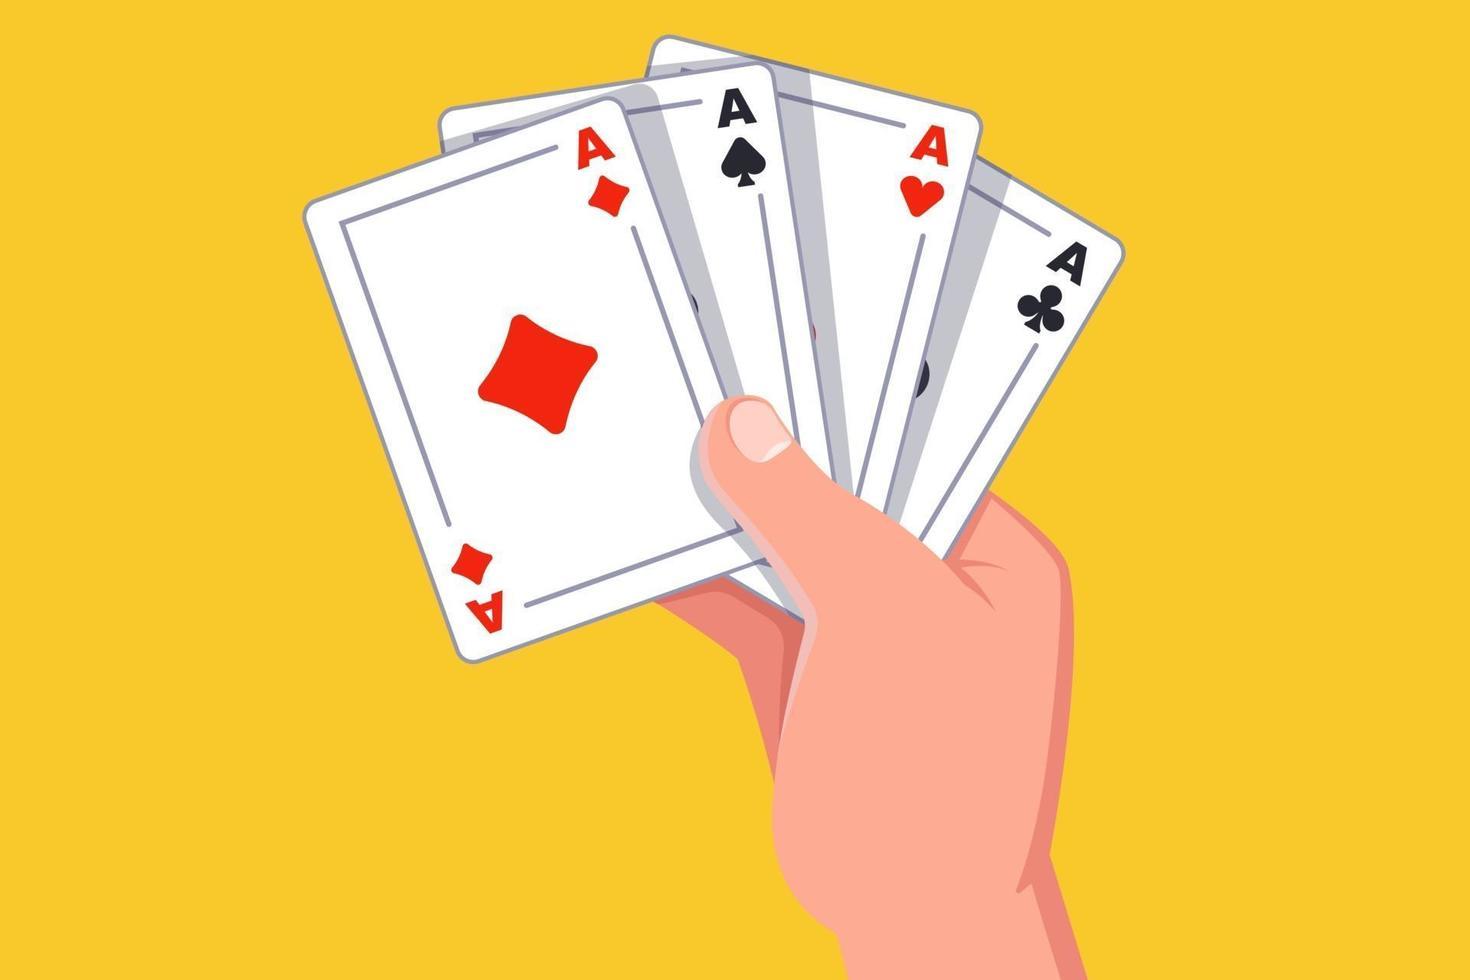 mão segura quatro ases. ganhar o jogo de cartas. ilustração vetorial plana. vetor